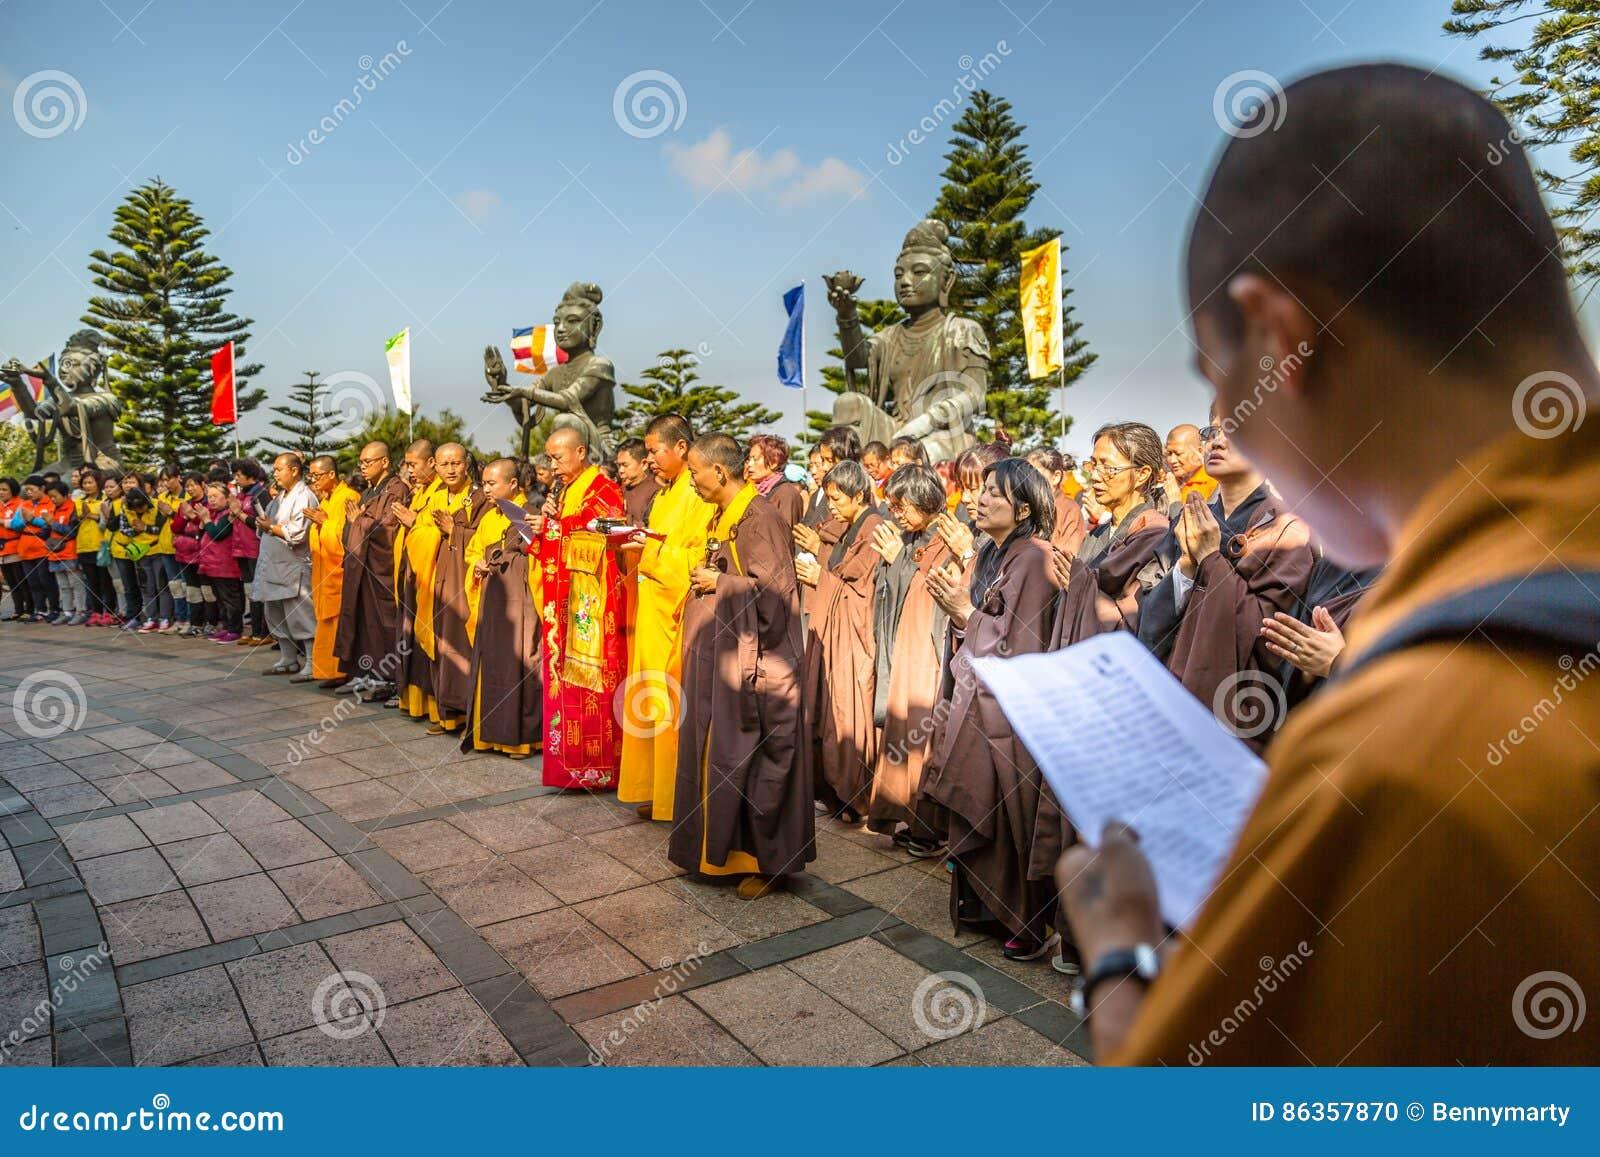 Big Buddha faithful people